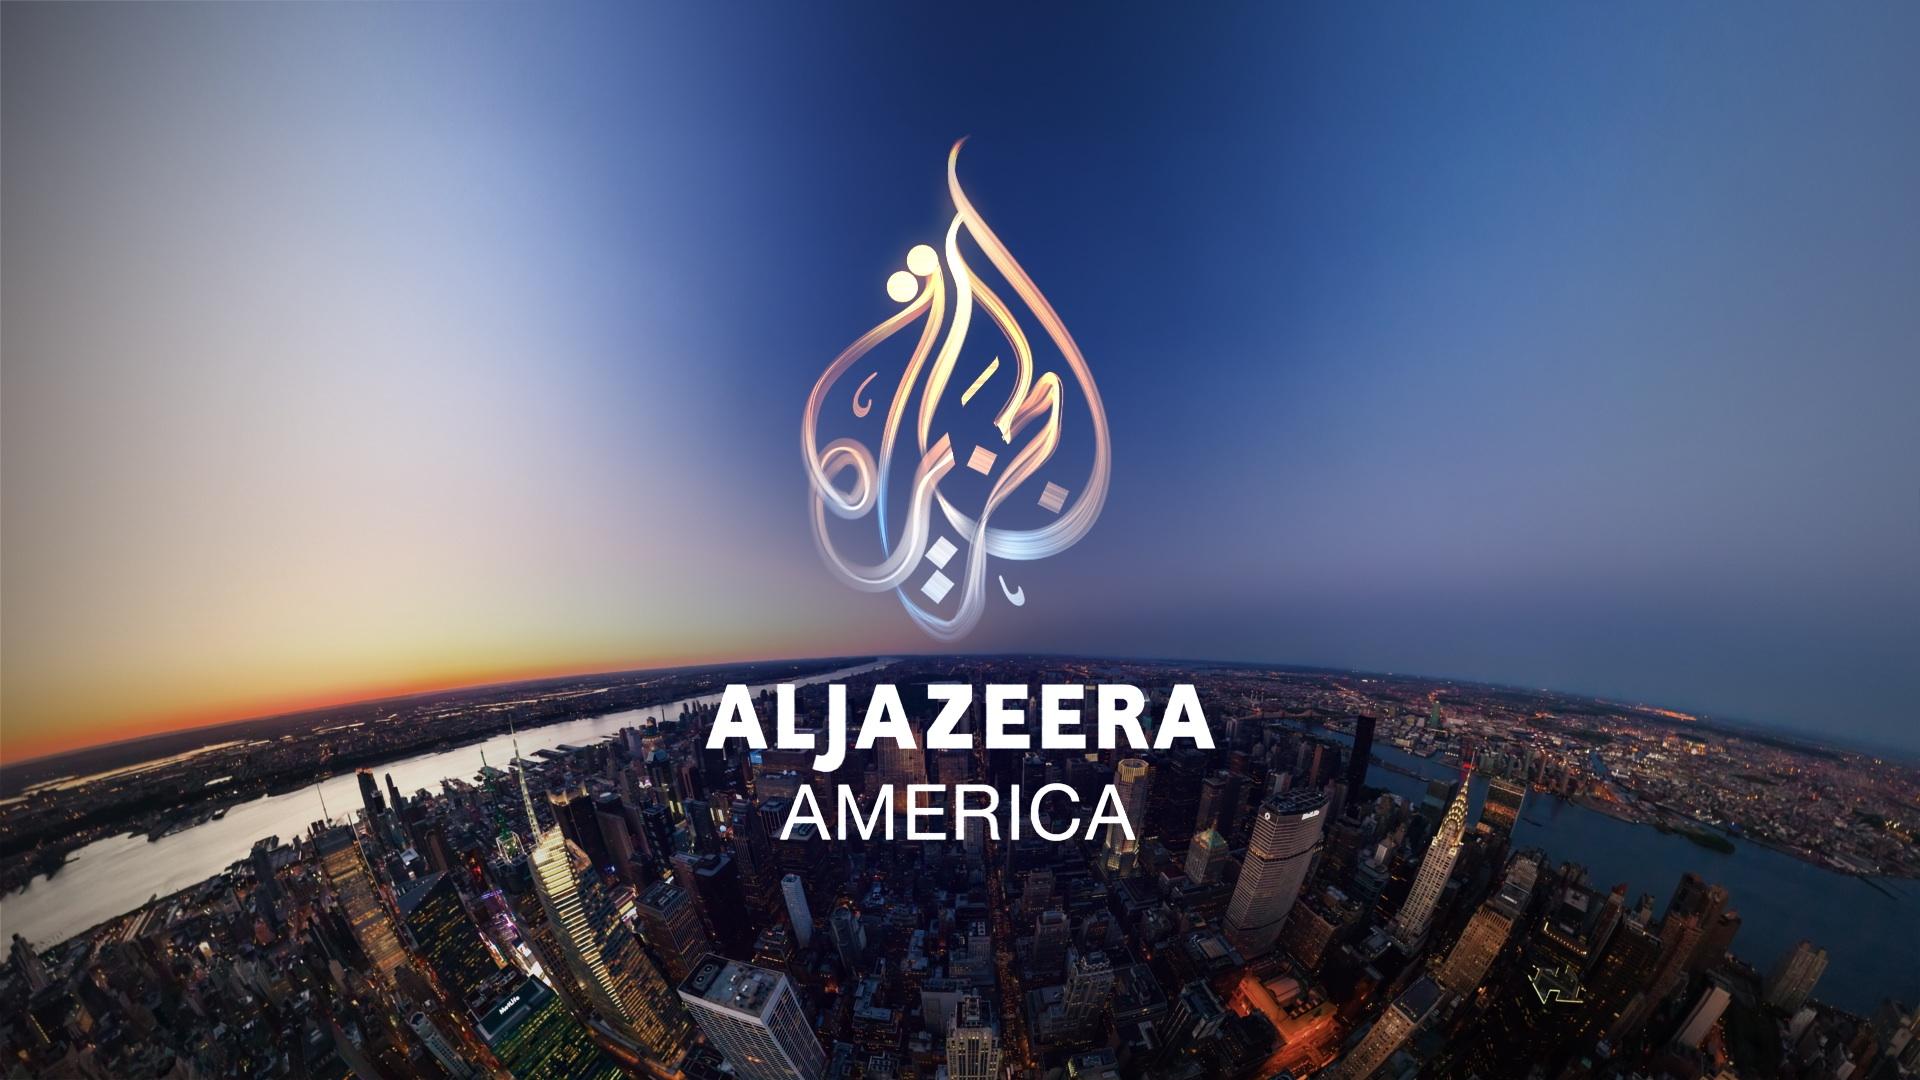 Kate O'Brian, President of Al Jazeera America, Speaks at #ComMtalks